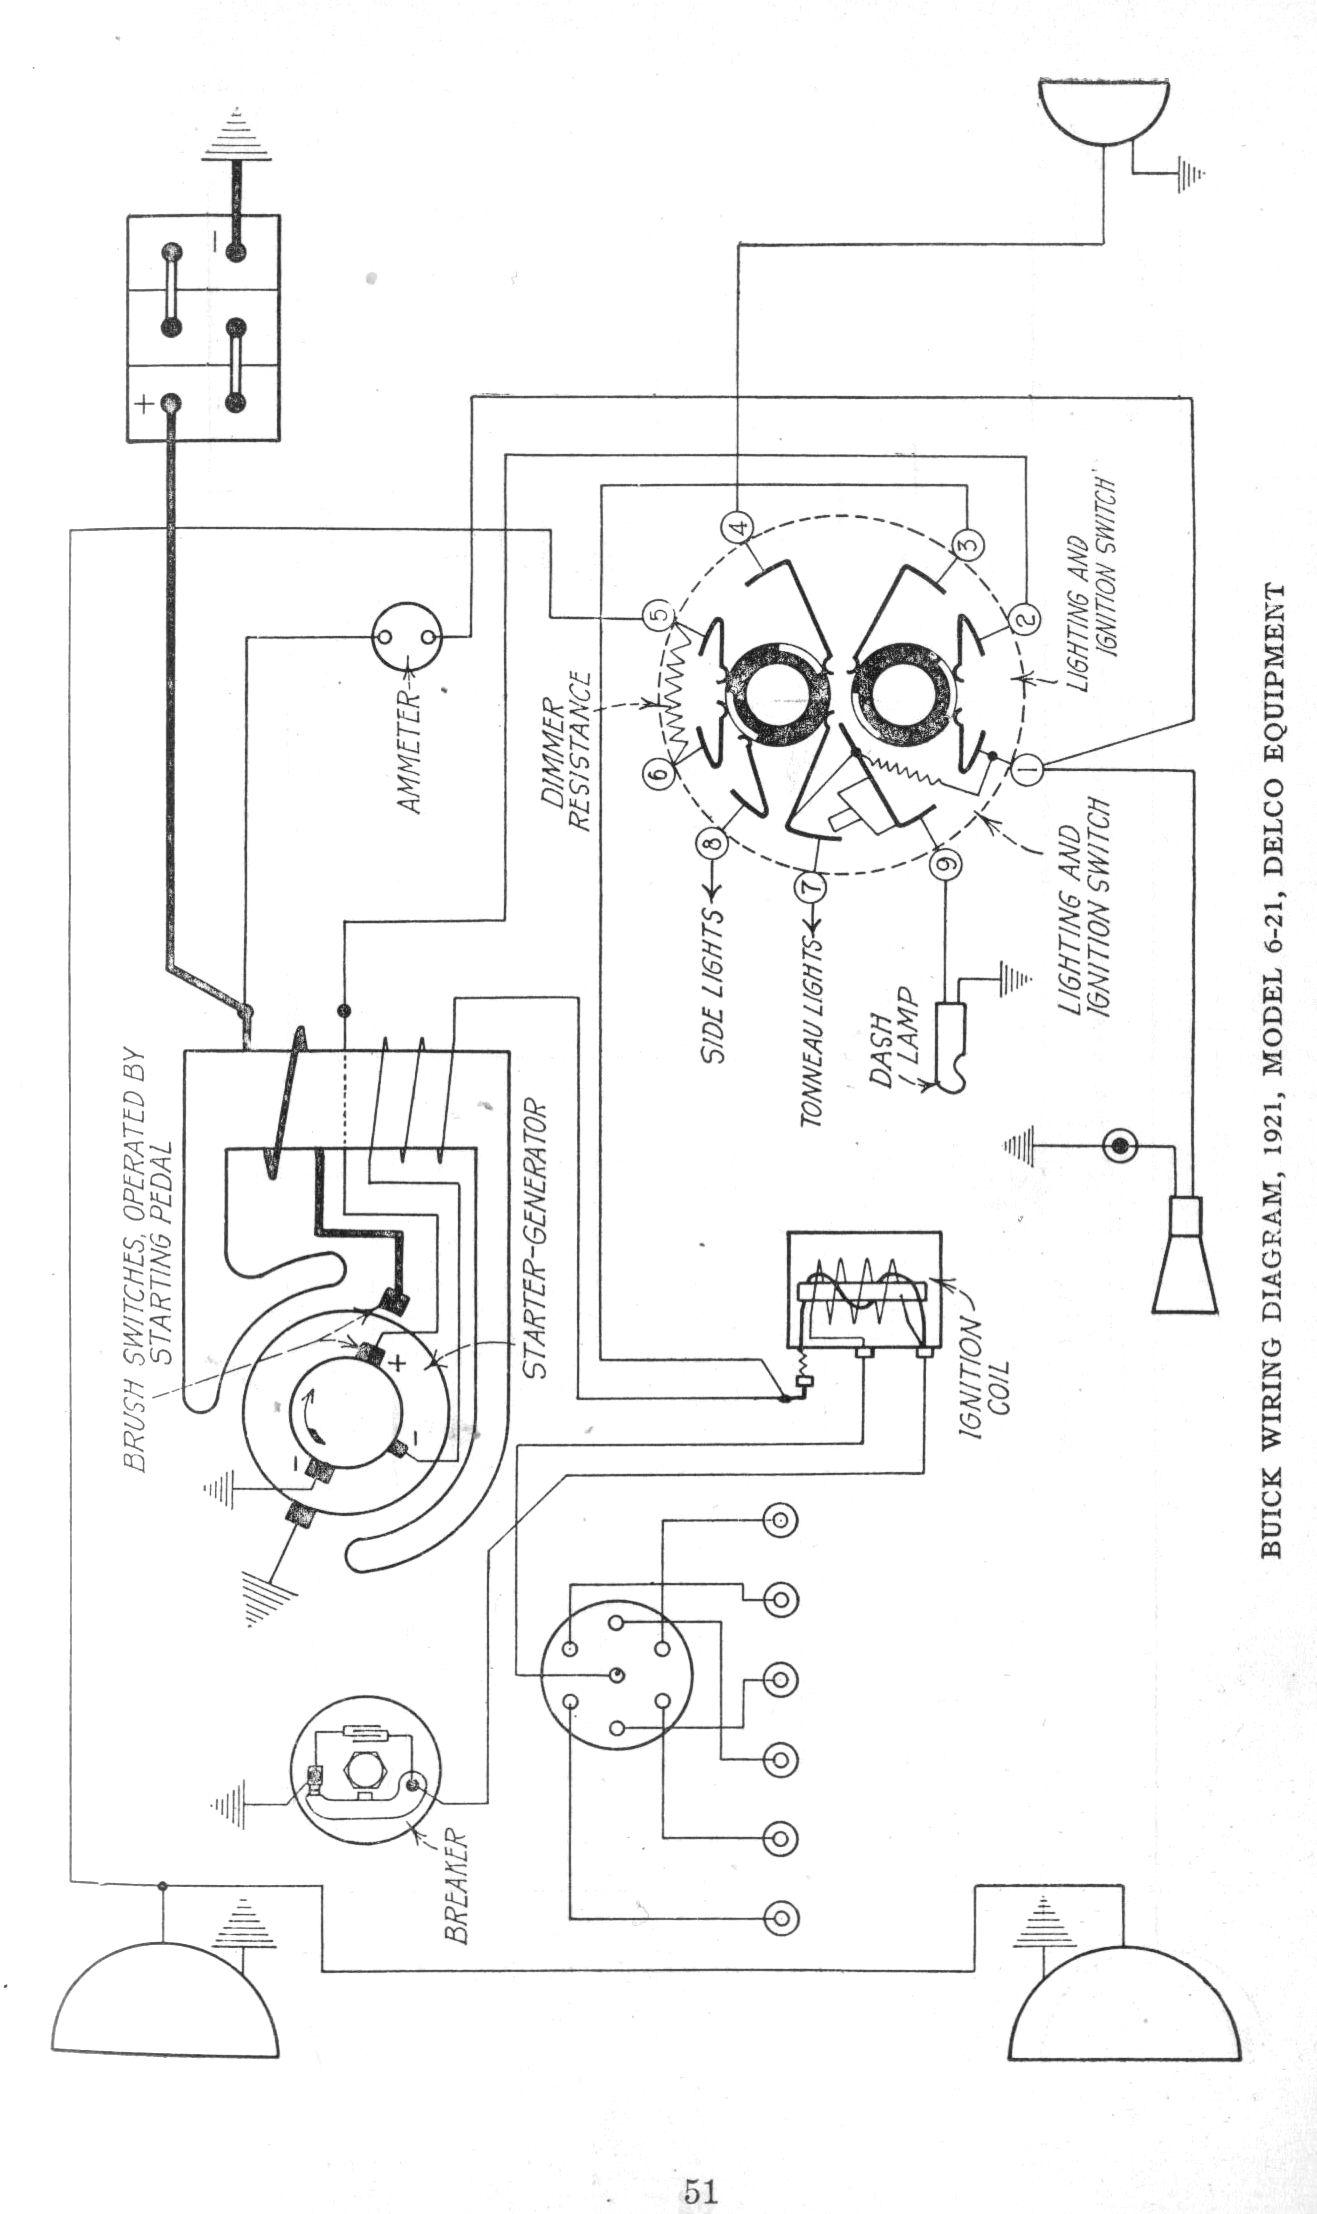 Rv Generator Wiring Diagram Merzie Coleman